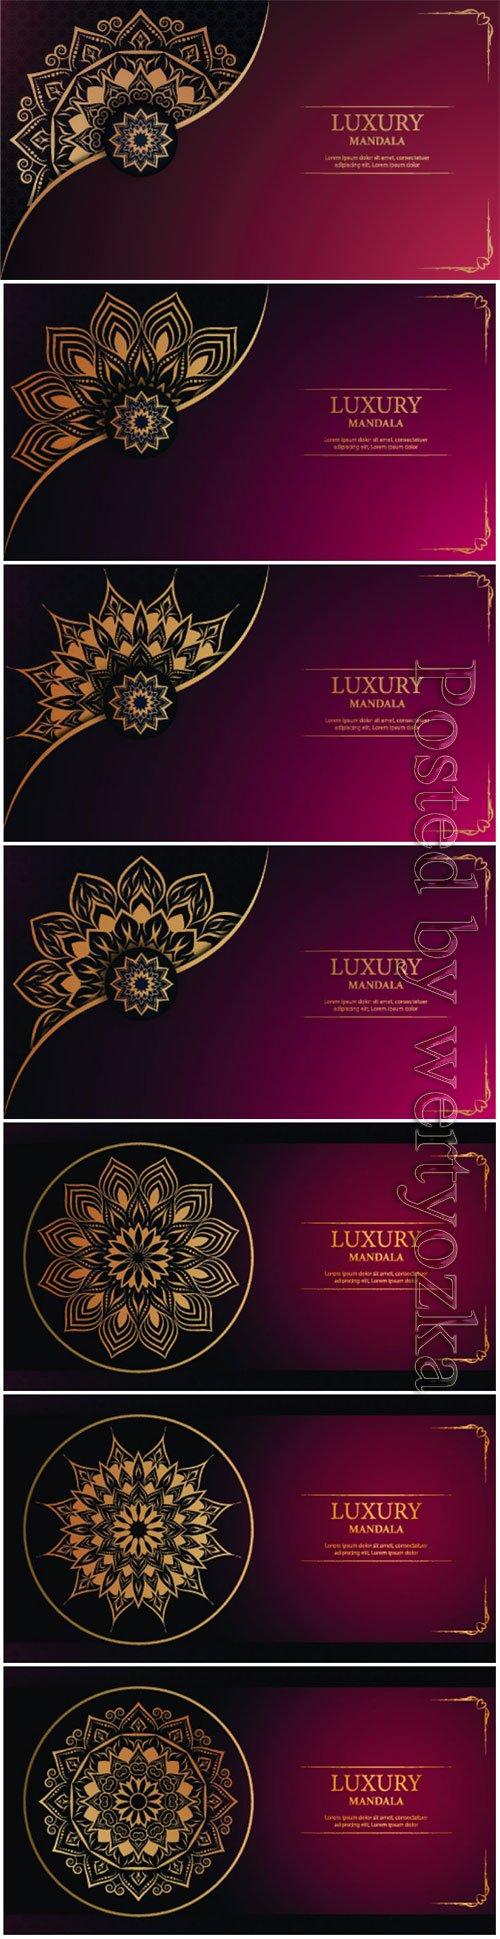 Luxury decorative mandala vector background # 2